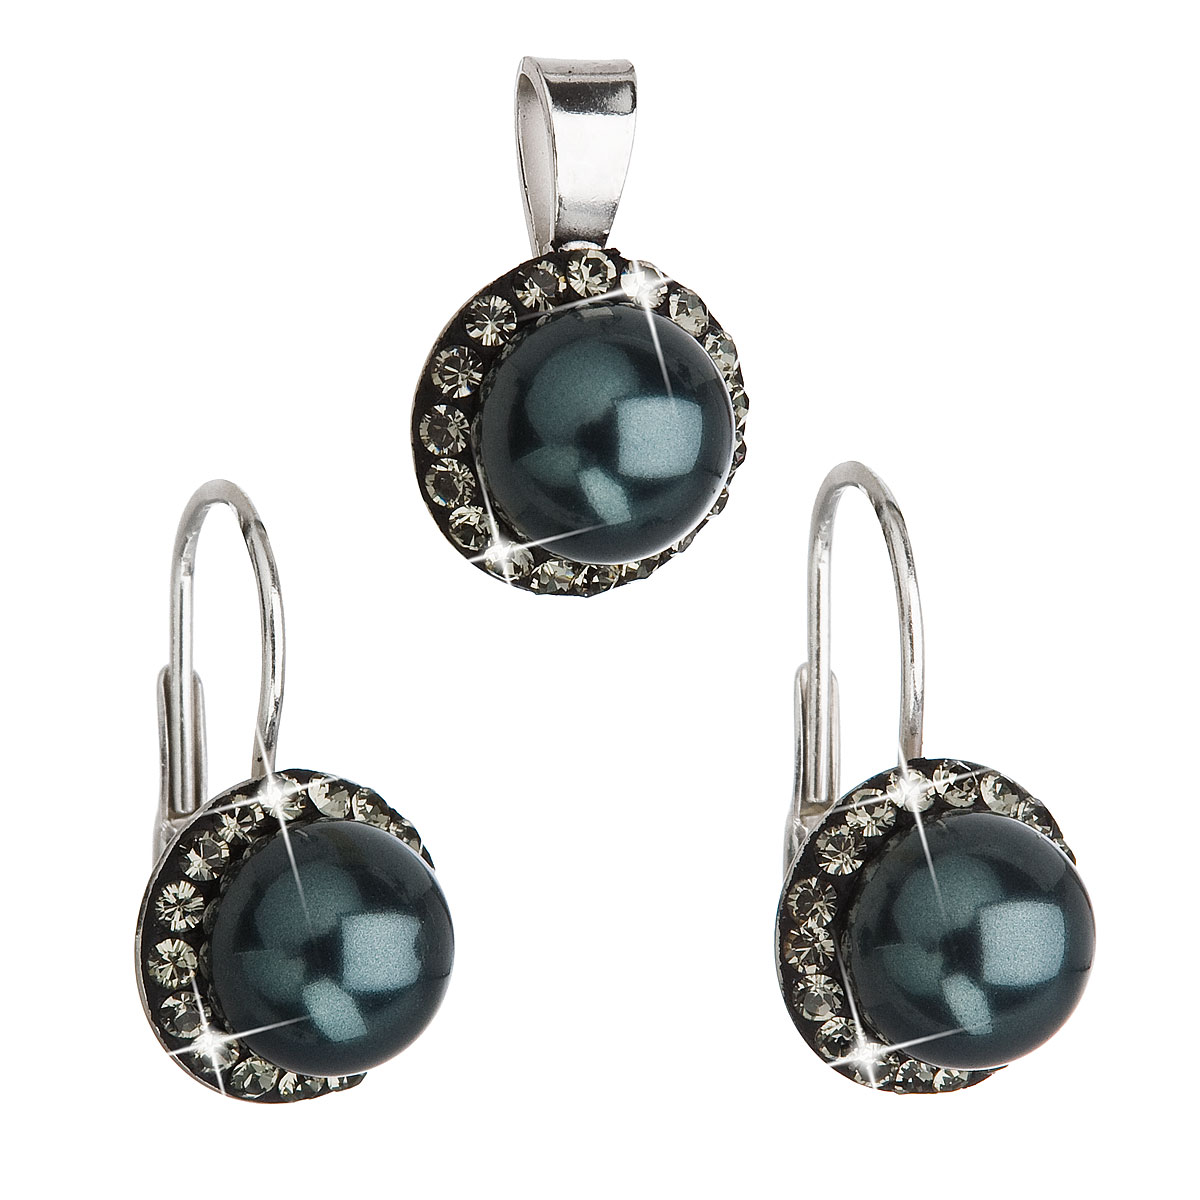 Sada šperků s krystaly Swarovski náušnice a přívěsek zelená perla kulaté 39091.3